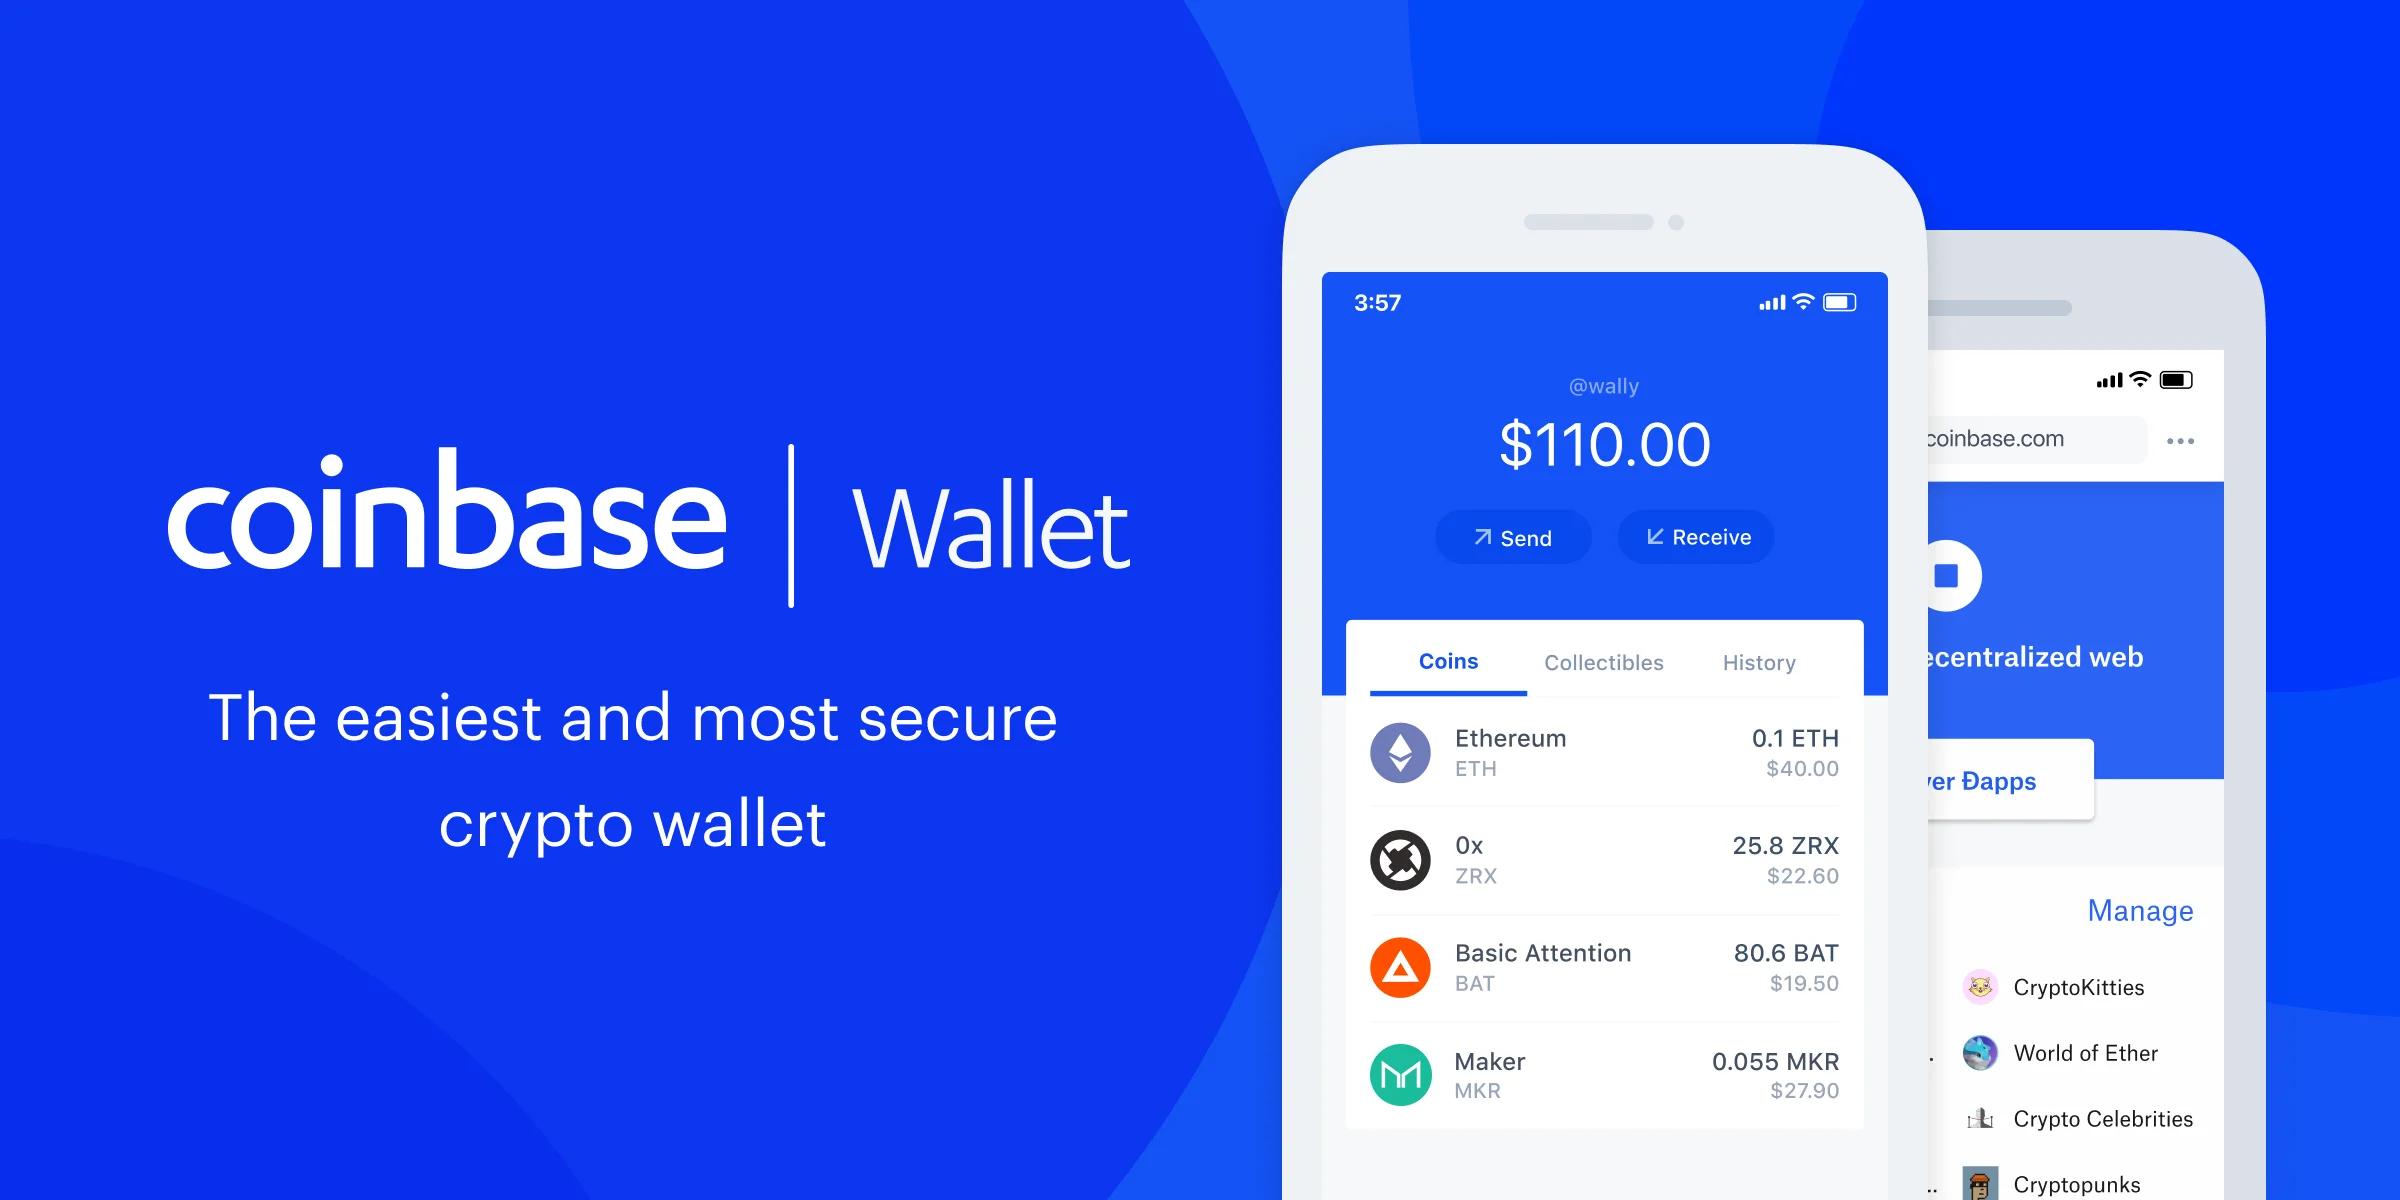 يمكنك الآن شراء البيتكوين باستخدام PayPal عبر Coinbase